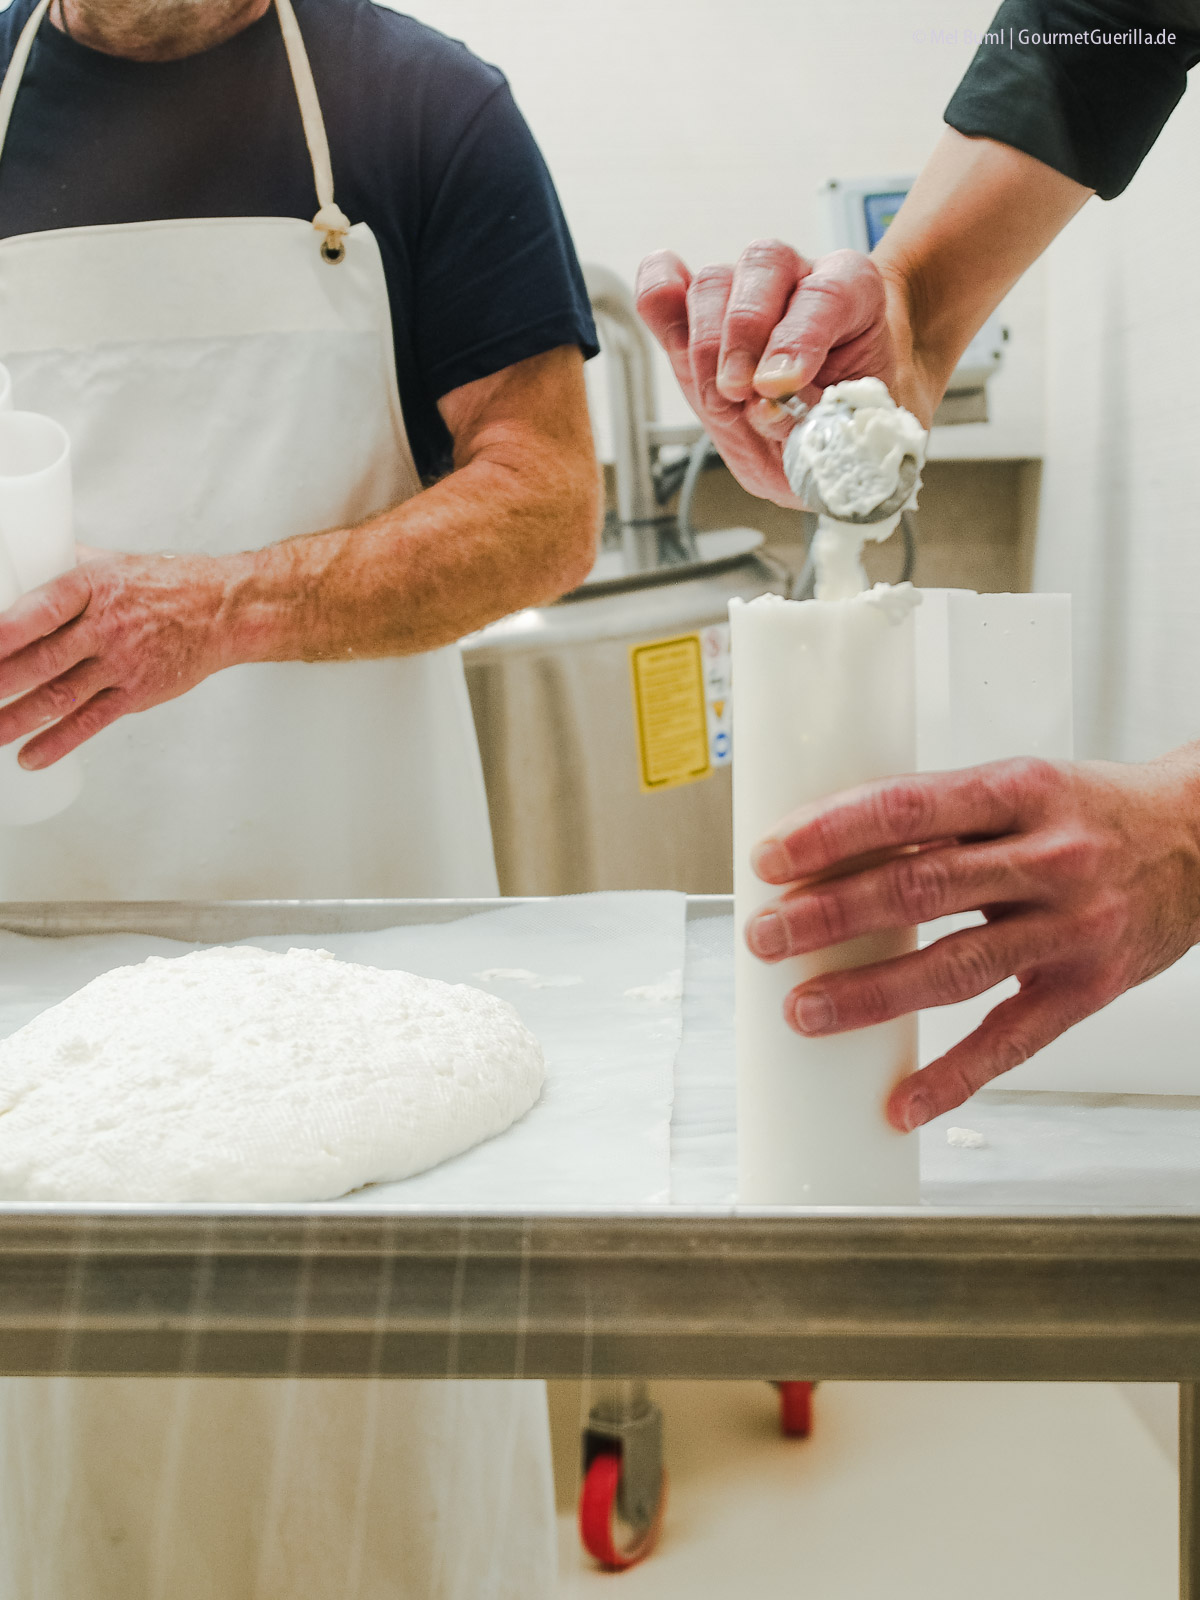 Frischkäse in Formen füllen für Heumilchkäse in Wiens einziger Stadtkäserei Lingenhel |GourmetGuerilla.de